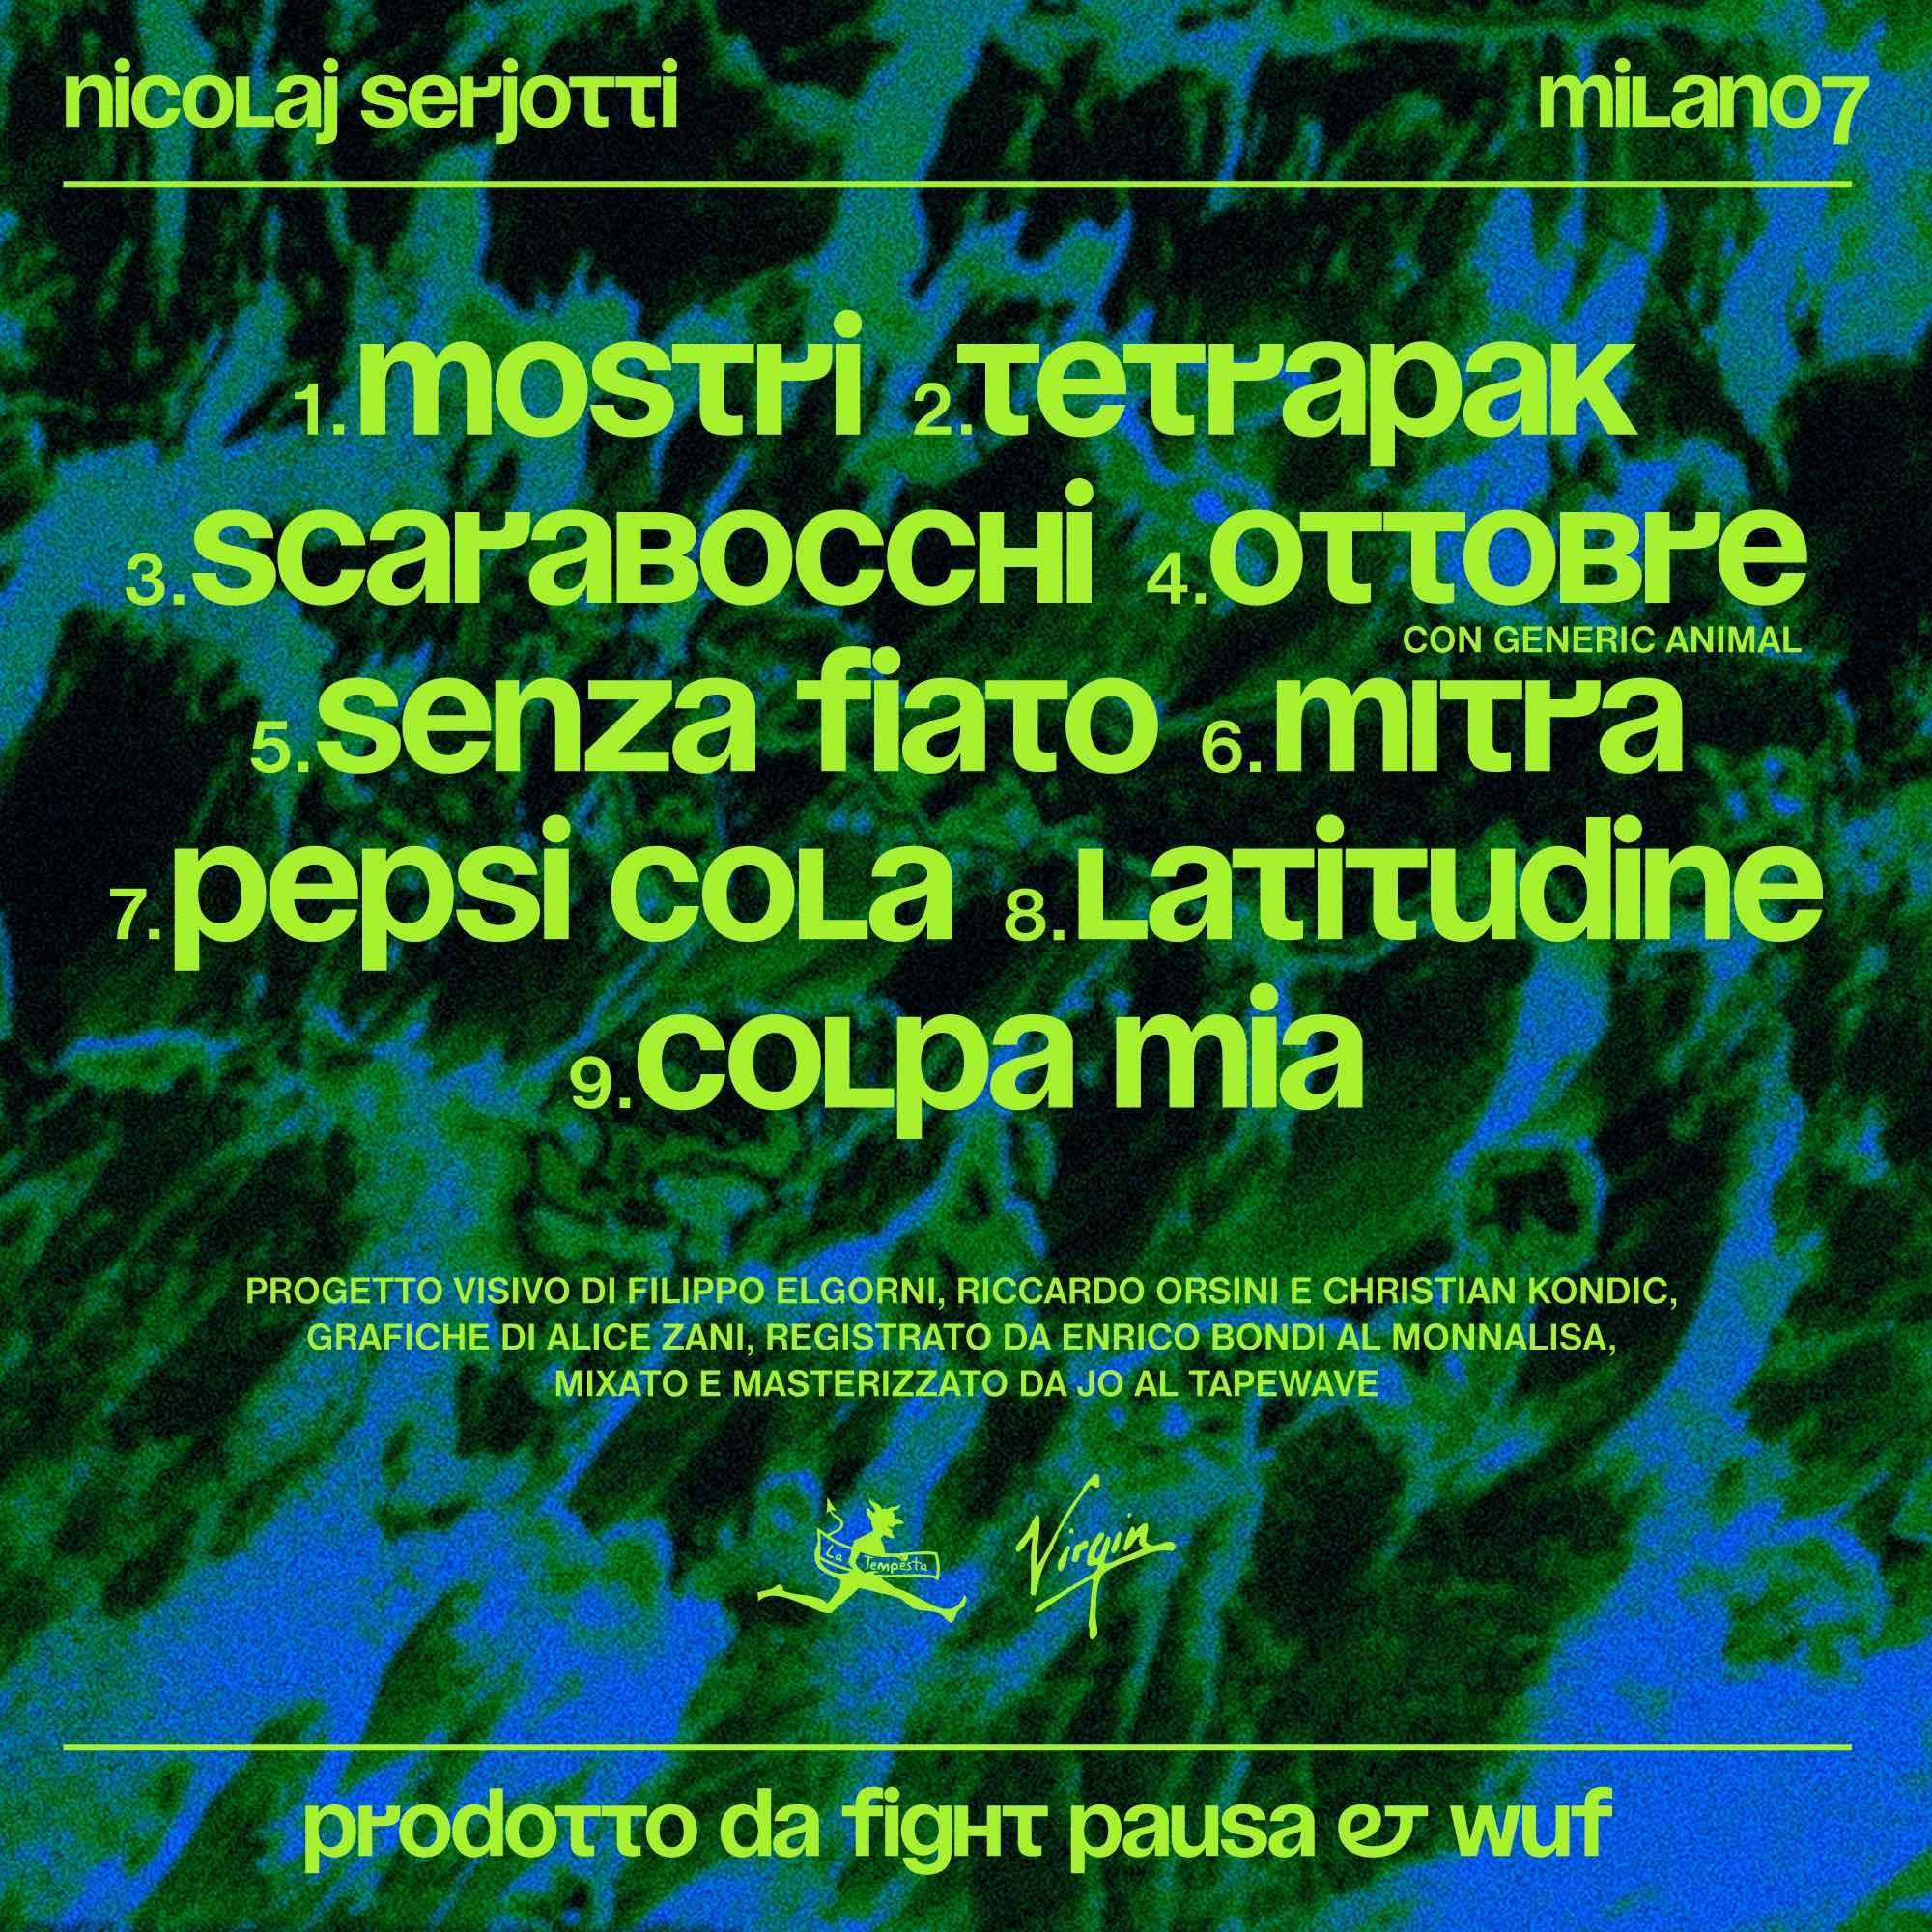 Nicolaj Serjotti - Milano 7